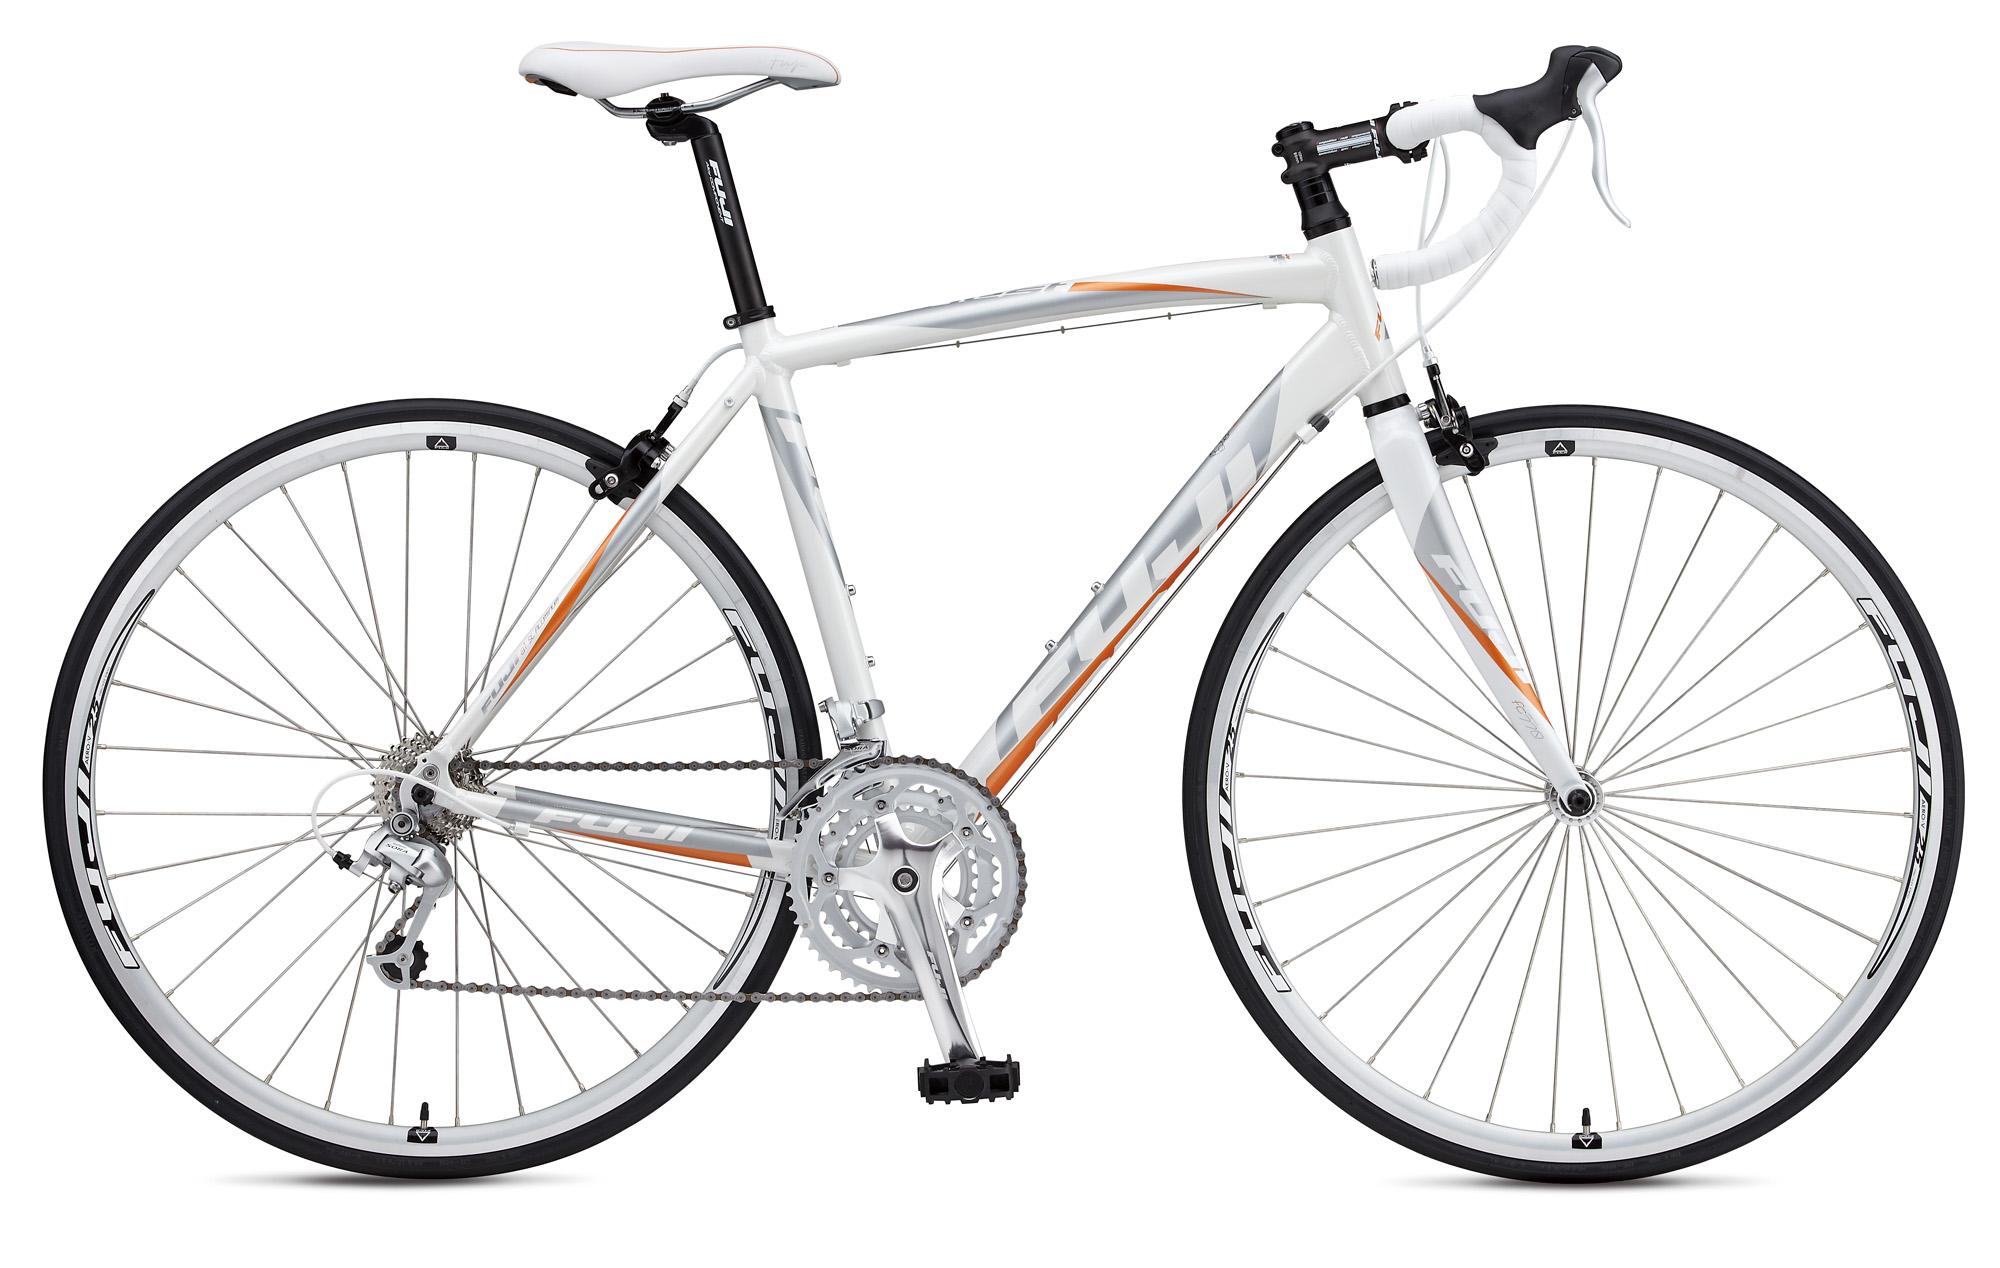 LADIES FUJI ROAD BICYCLE SORA